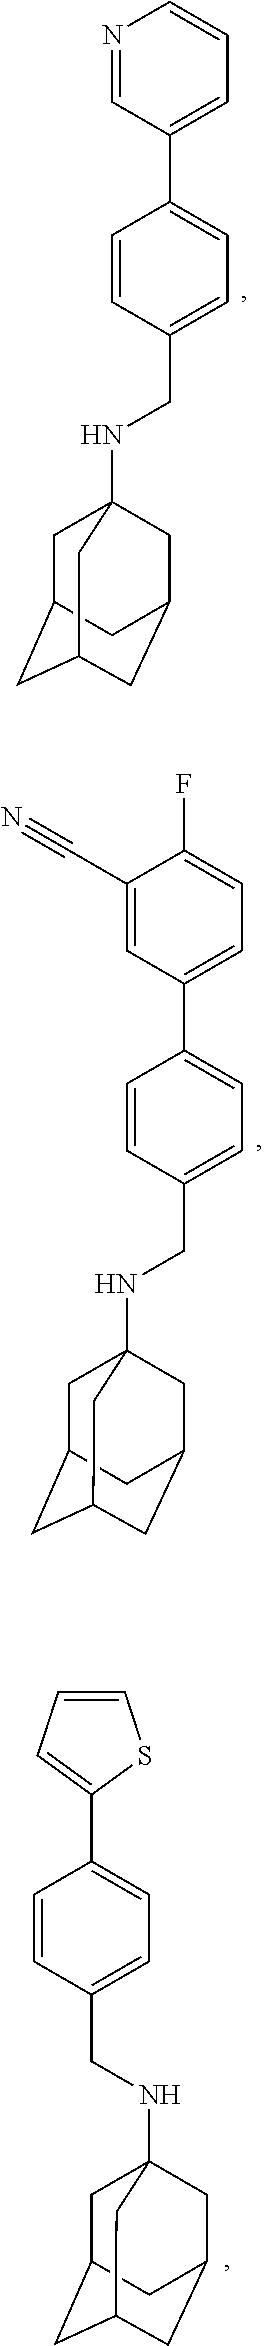 Figure US09884832-20180206-C00033